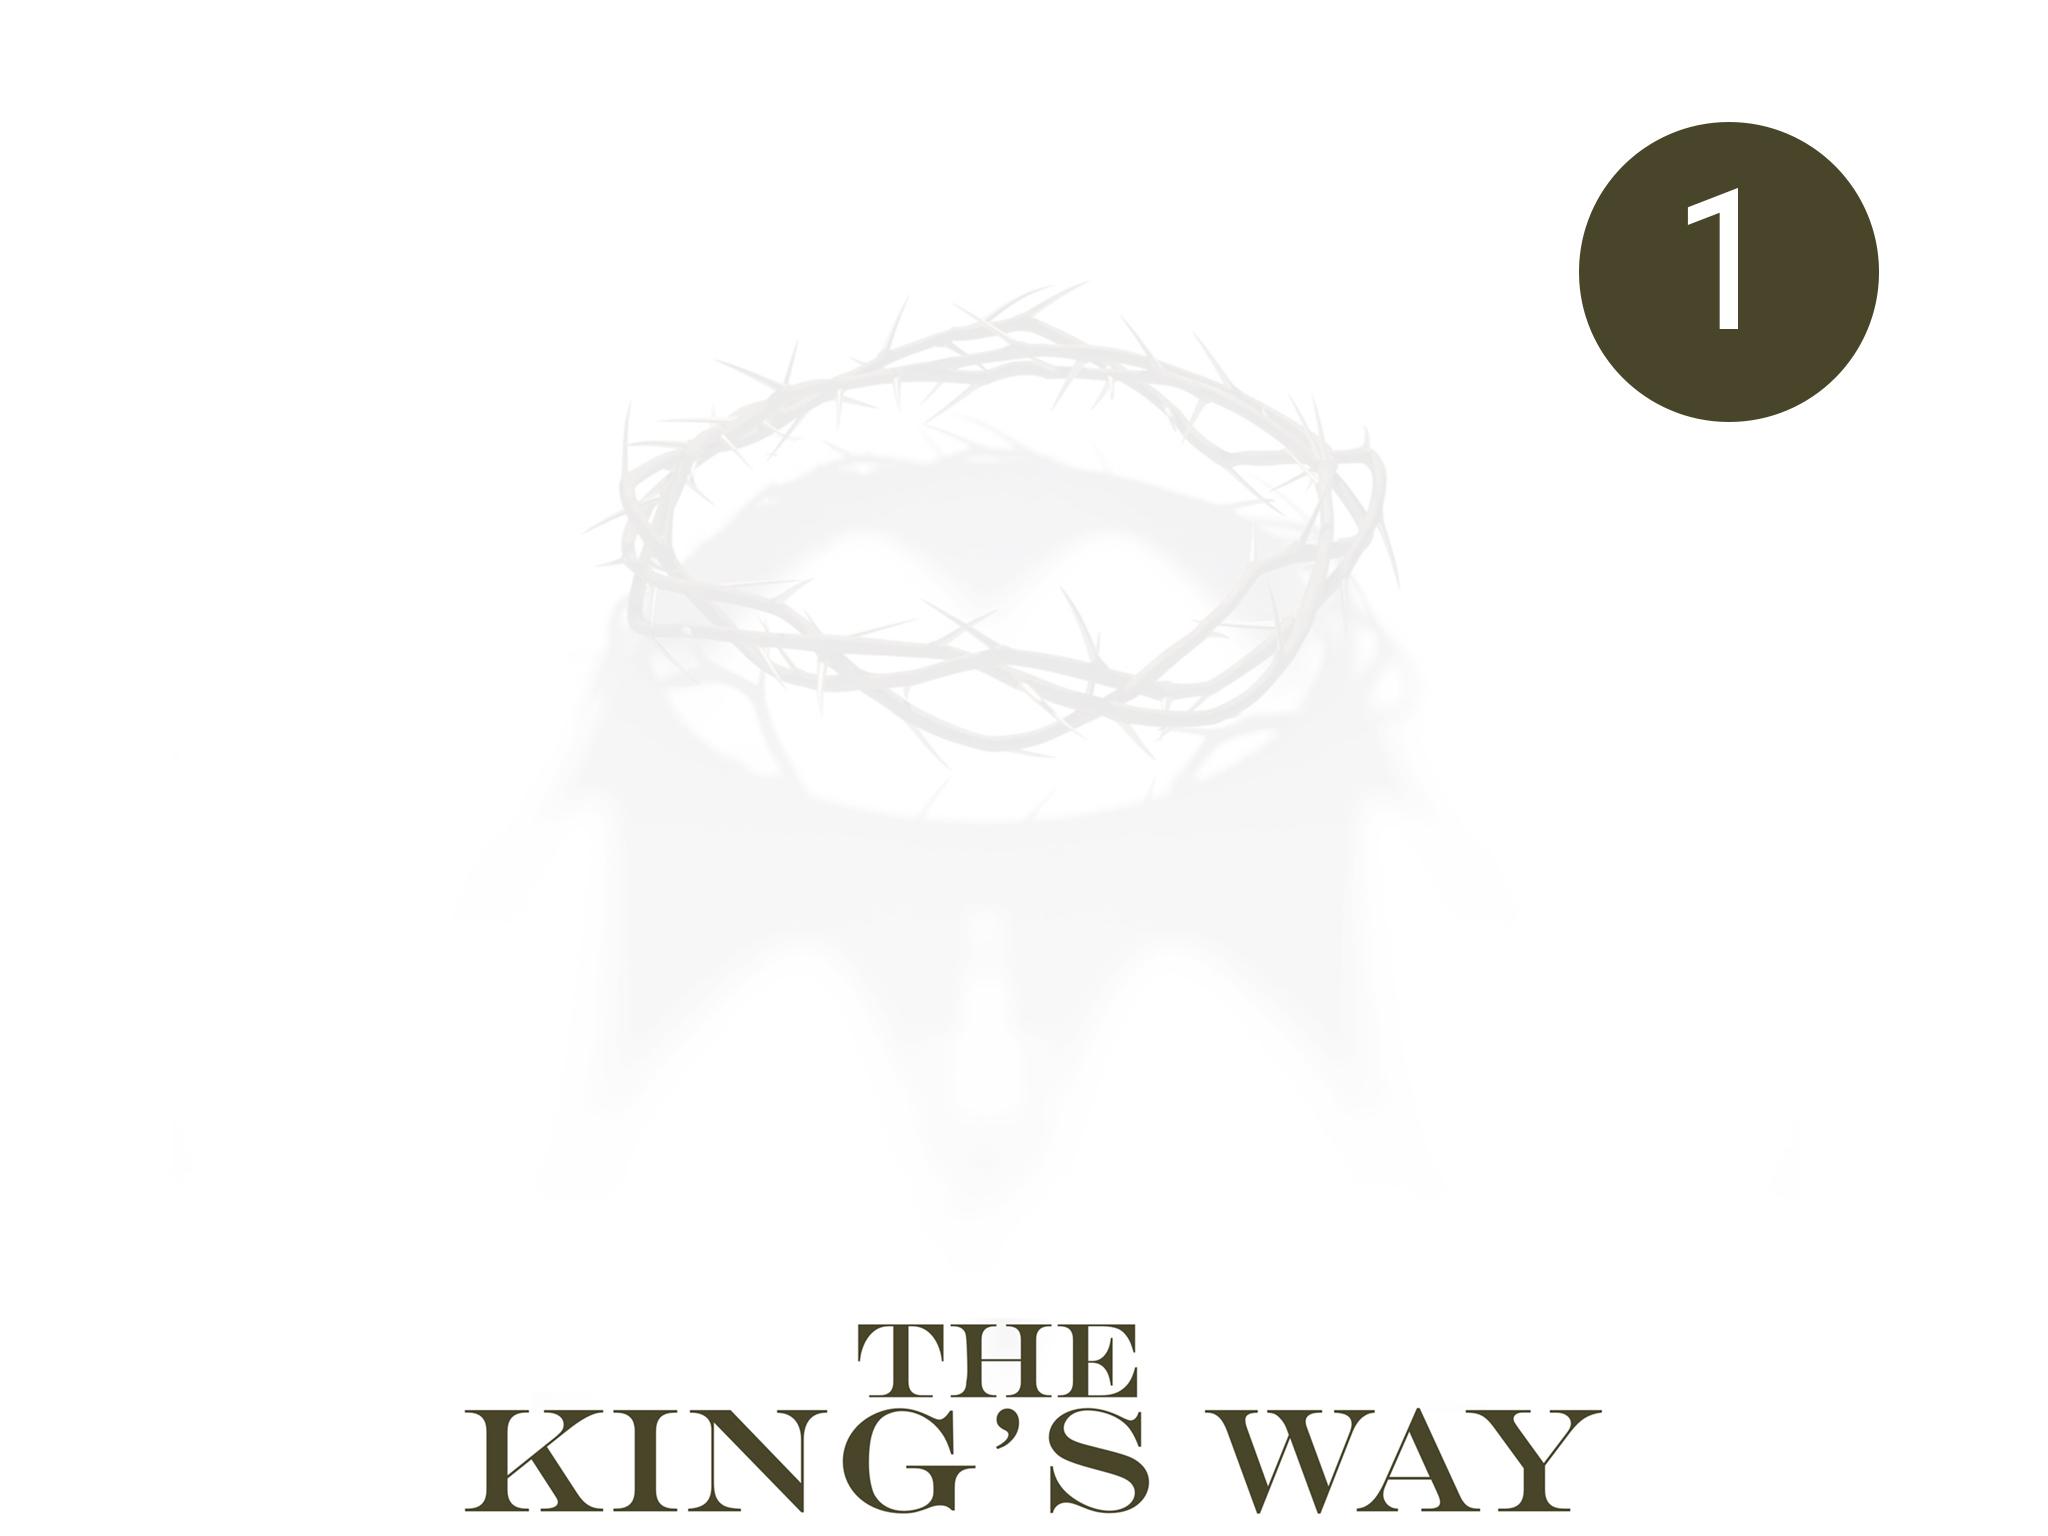 Kings way week 1 Thumnail.jpg